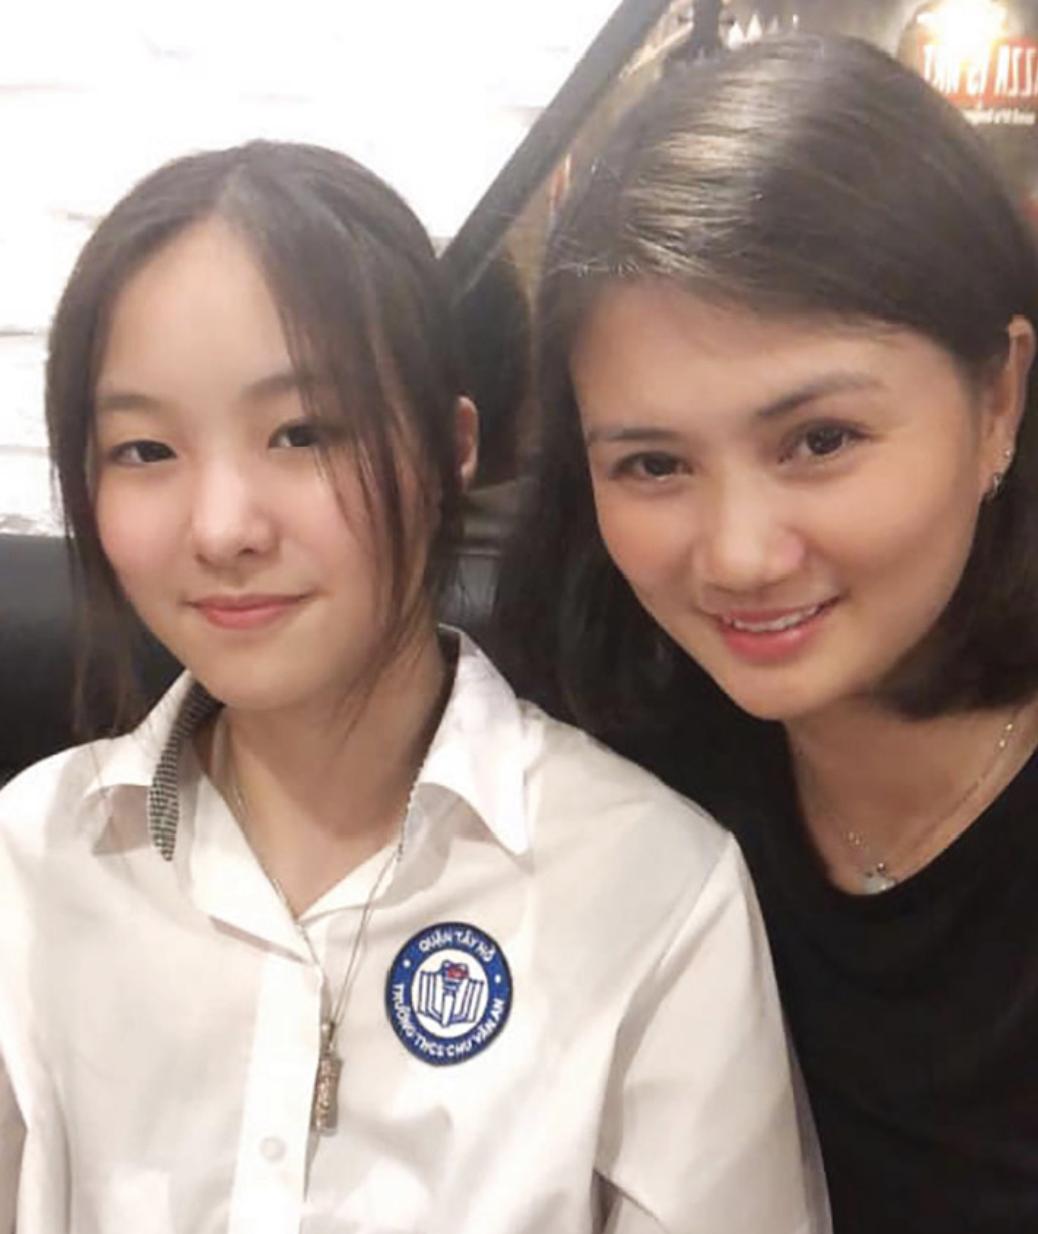 """Con gái của """"Hoa khôi bóng chuyền"""" Kim Huệ: Xinh xắn chẳng thua kém mẹ, đã vậy còn học cực giỏi và cá tính như này - Ảnh 3."""